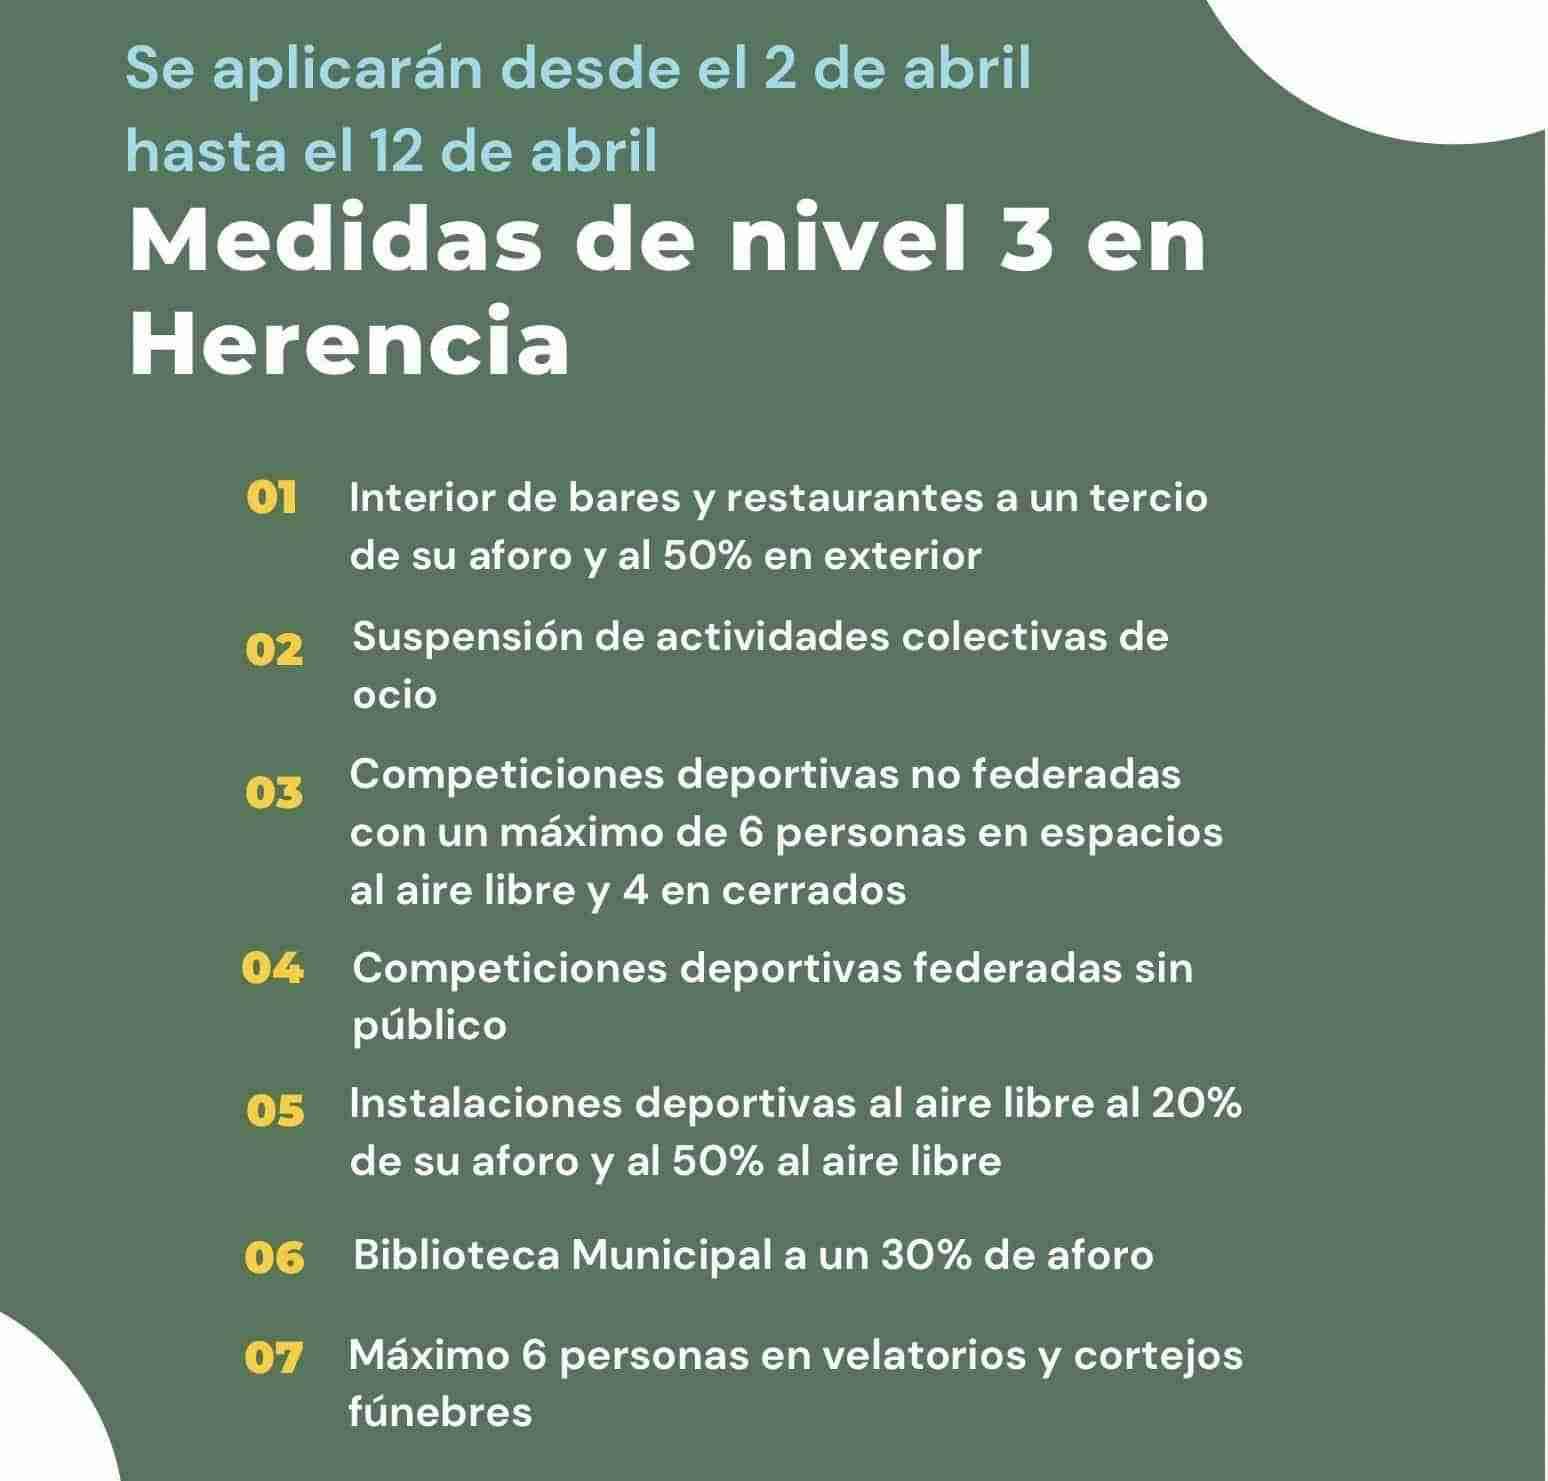 Sanidad decreta medidas especiales nivel 3 en el municipio ciudadrealeño de Herencia 3